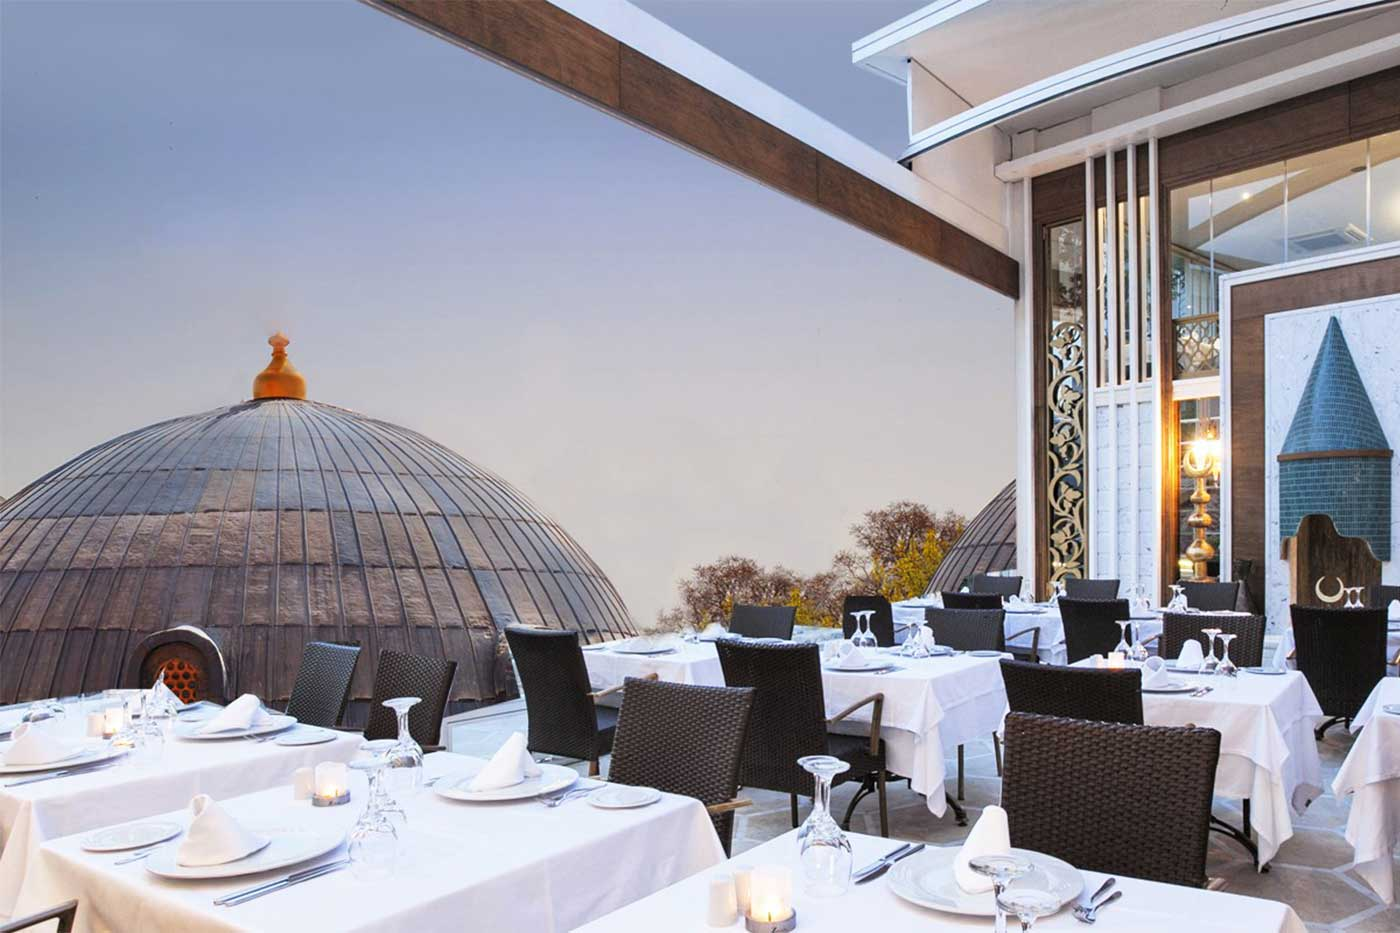 Matbah Restaurant